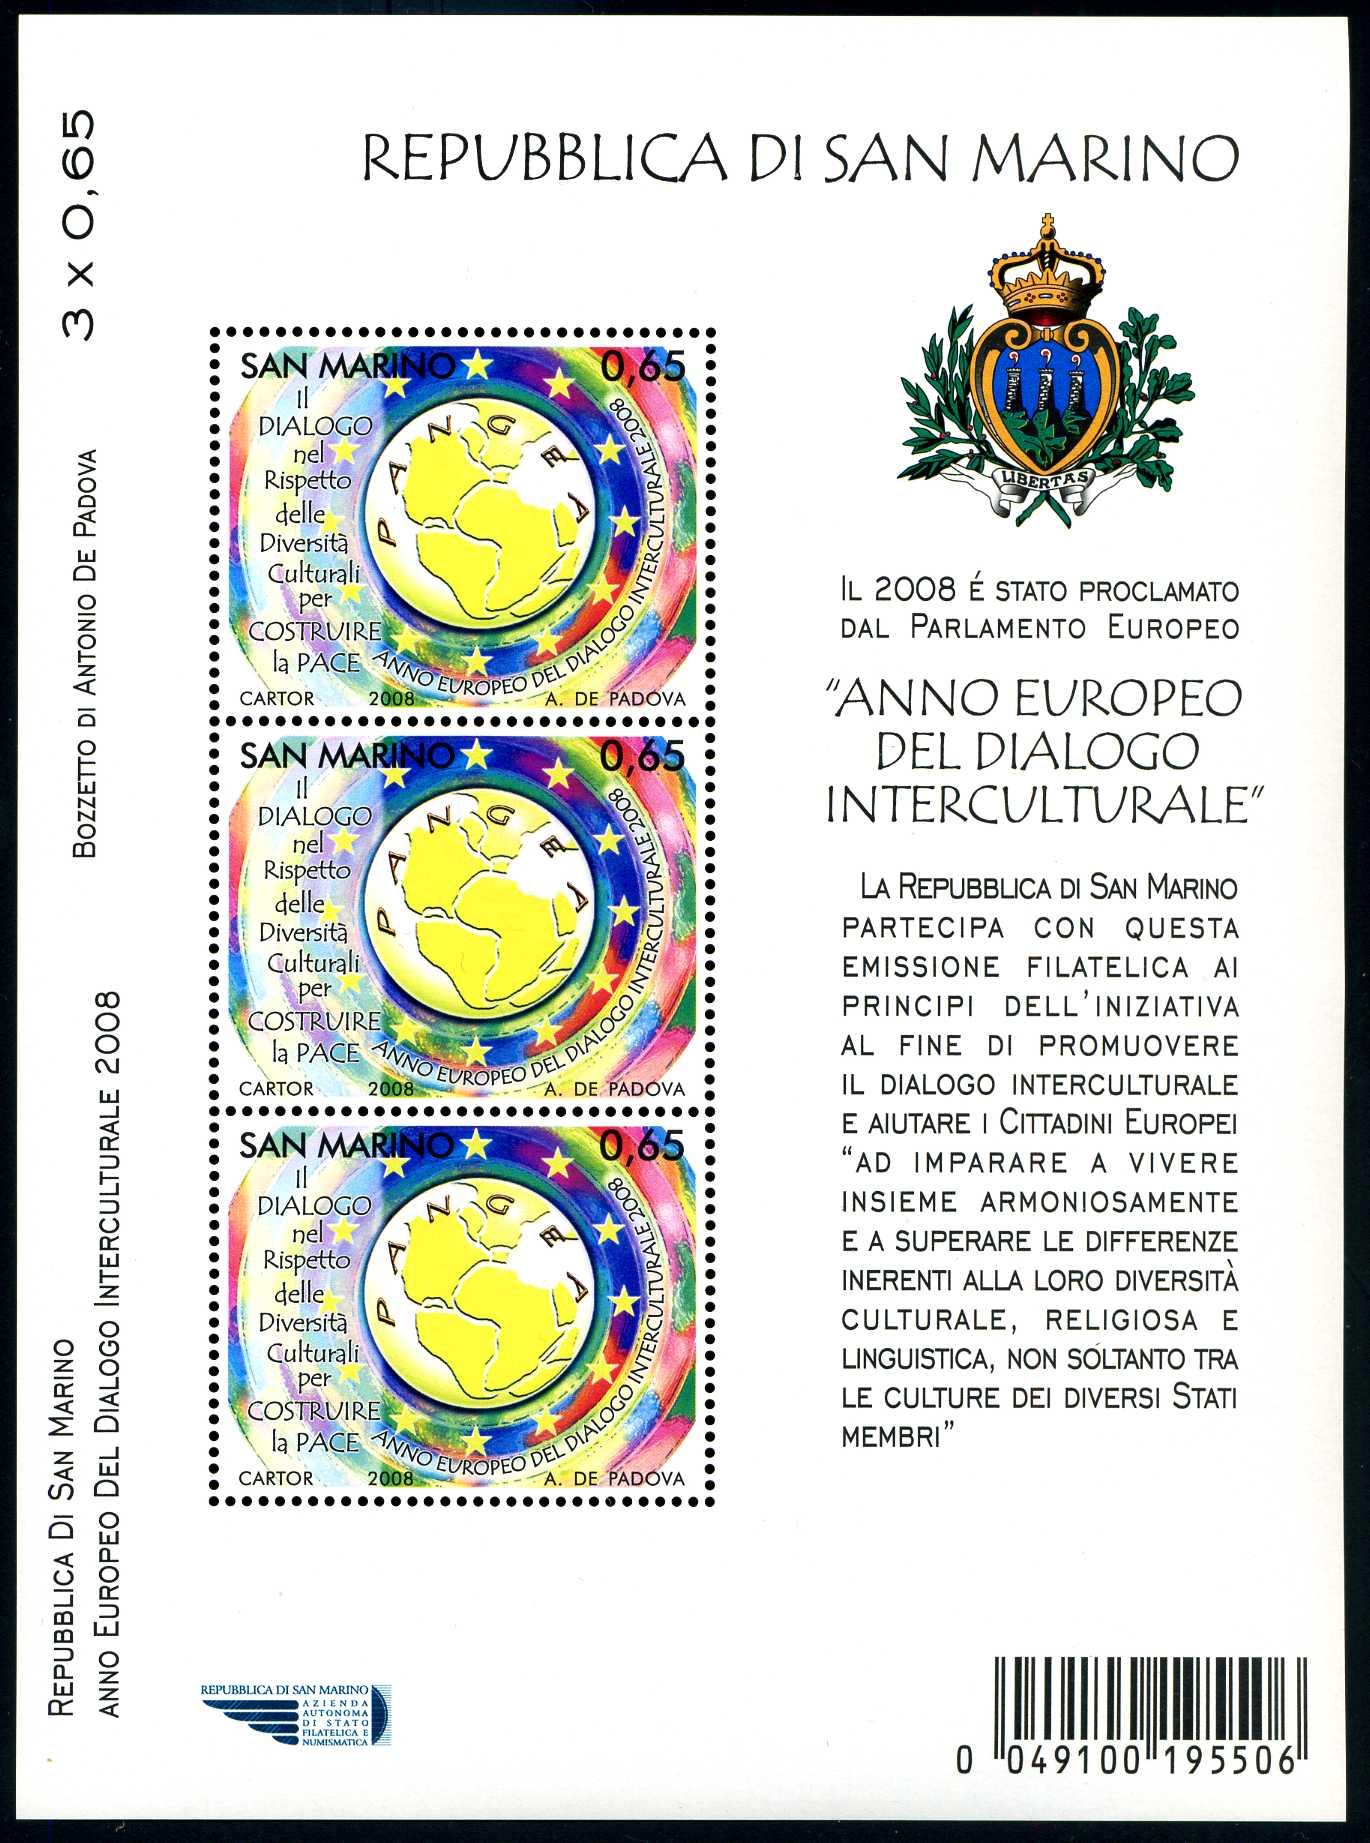 SM 046 2008 Interkultureller Dialog.jpg